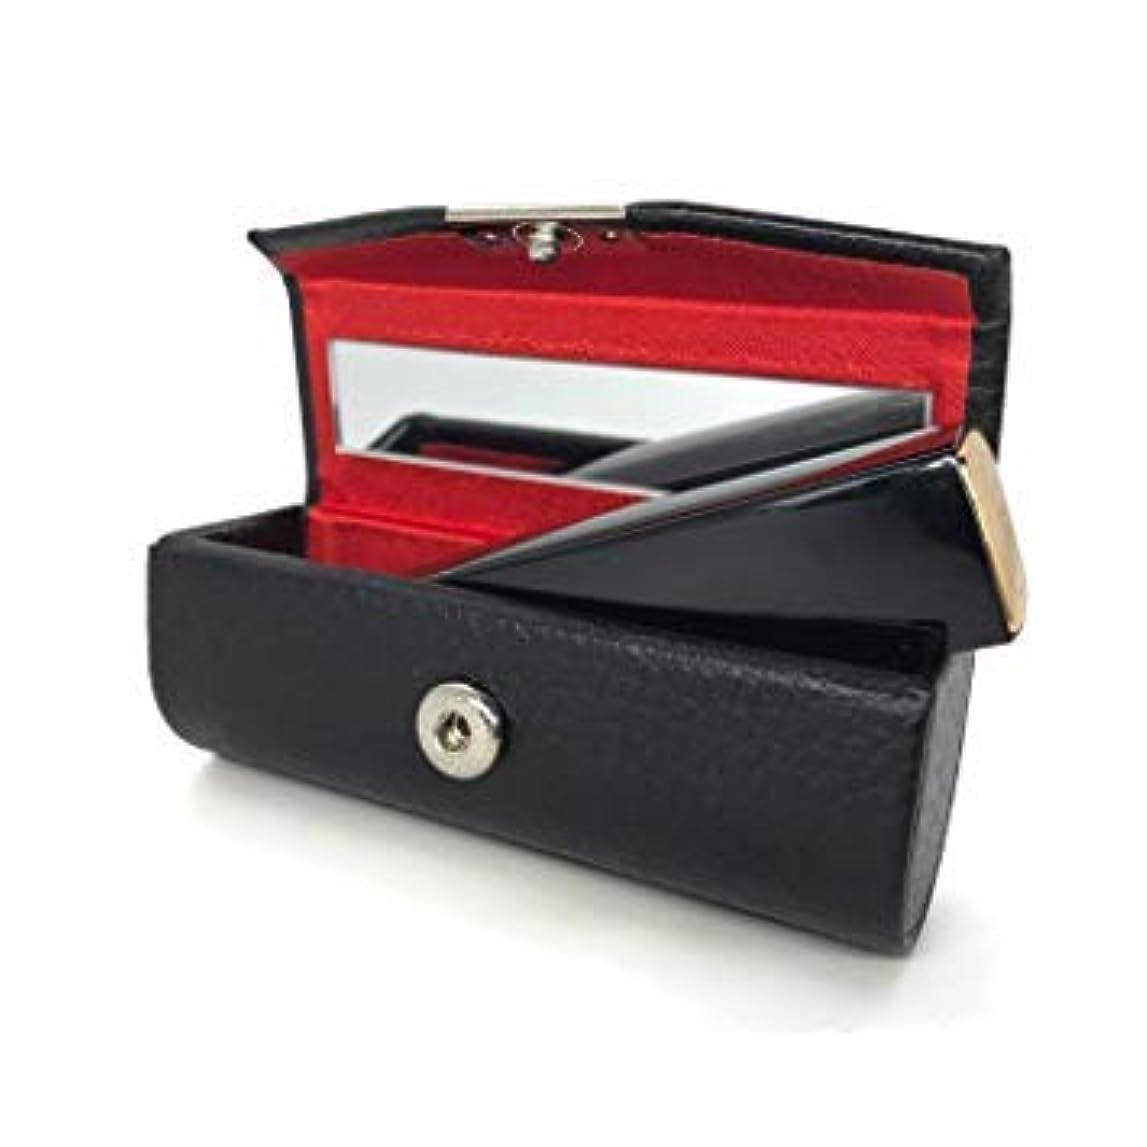 薬局楽しませる仕方口紅ホルダー 収納ボックス リップスティックケース レザー ミラー付き